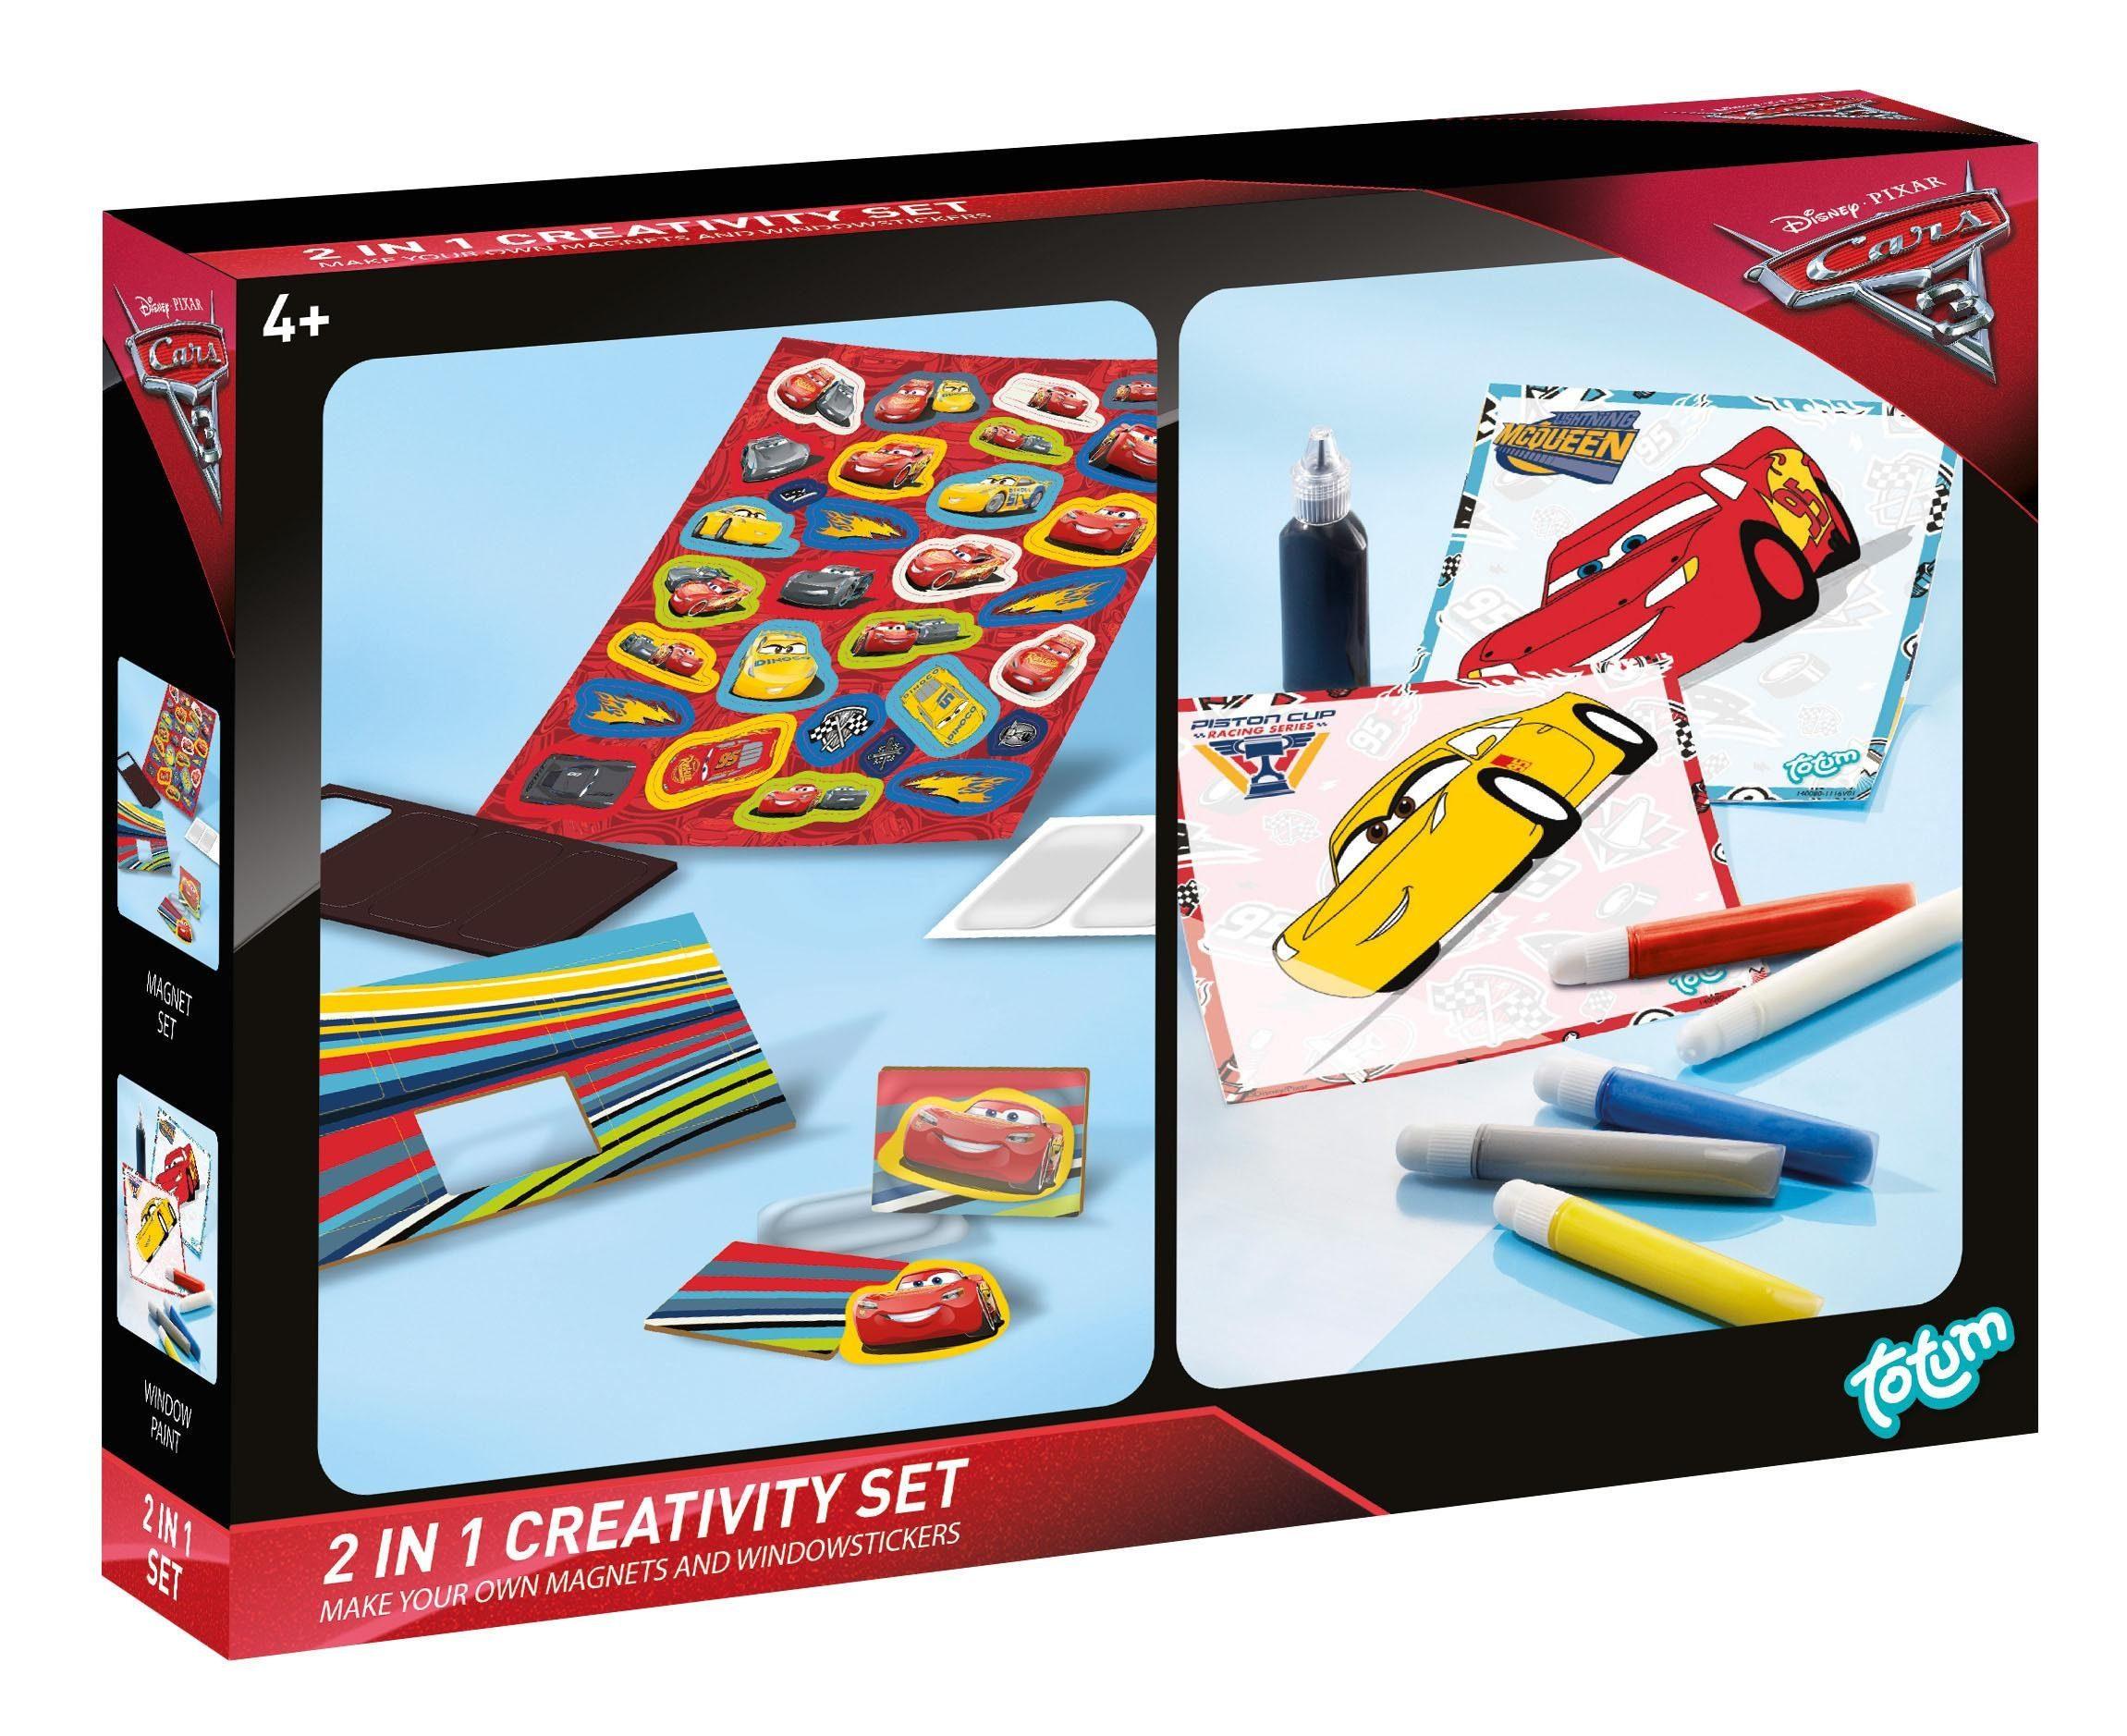 totum Kreativset Magnete und Fensterbilder, »Disney Pixar Cars 3, 2 in 1 Creativity Set«